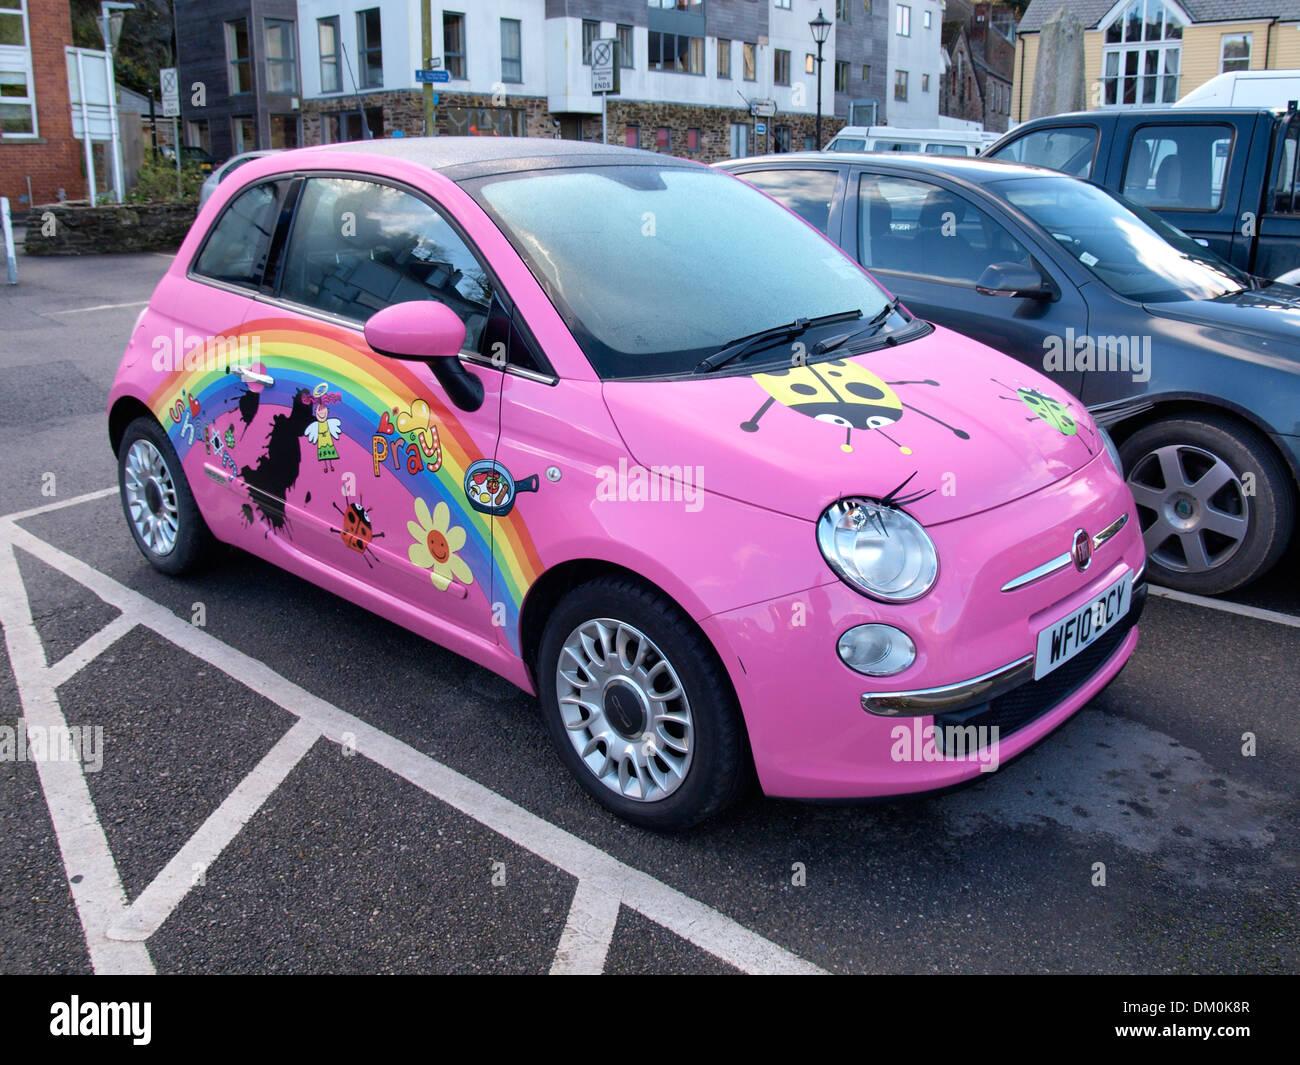 pink fiat 500 car stockfotos pink fiat 500 car bilder. Black Bedroom Furniture Sets. Home Design Ideas